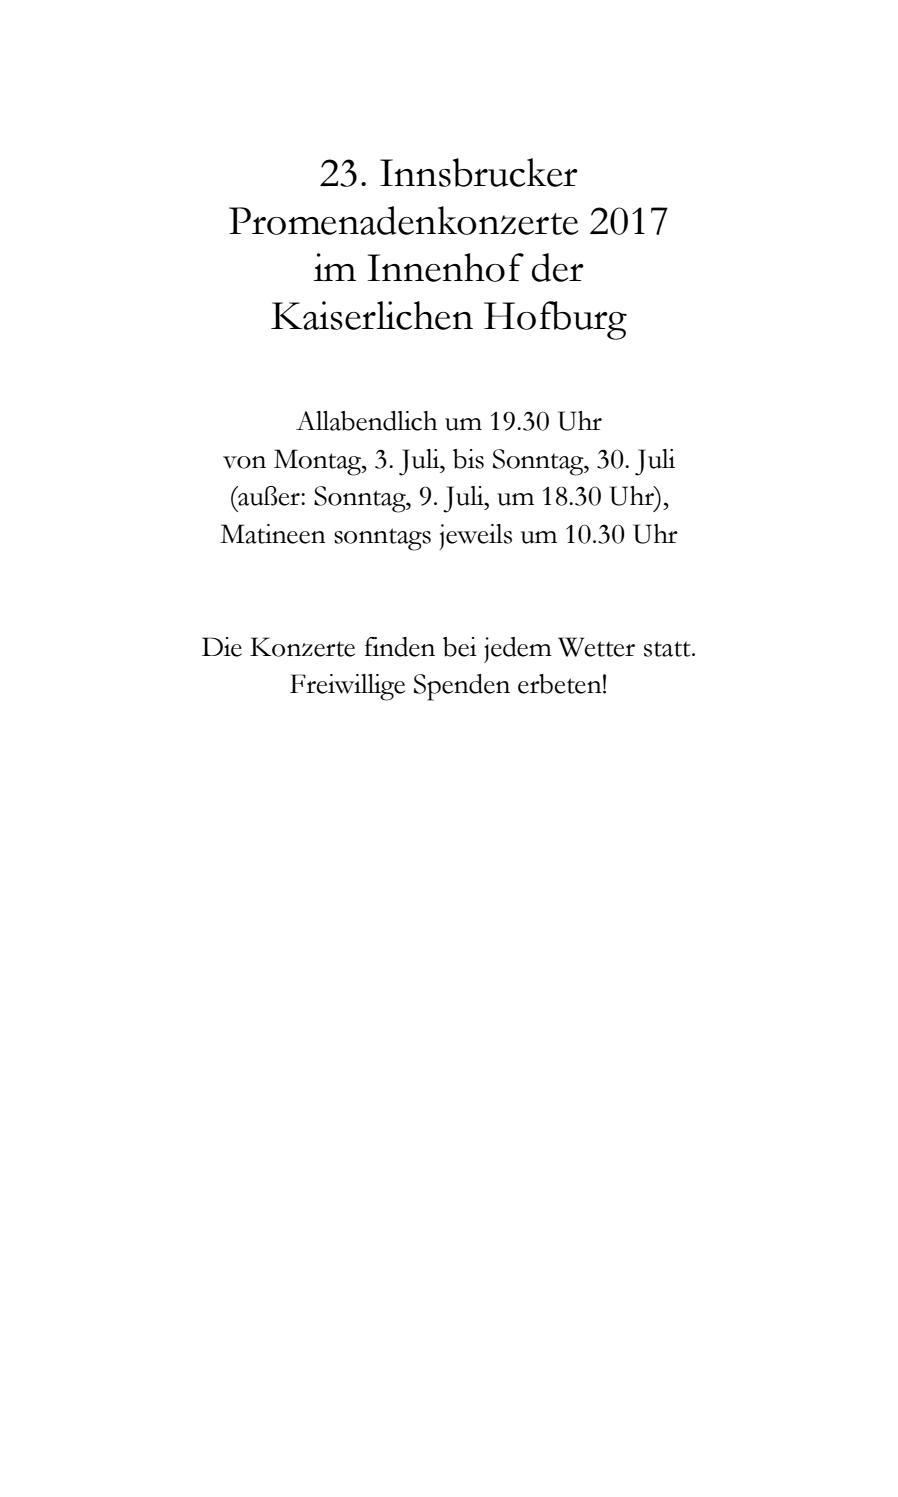 Programmbuch 23 Innsbrucker Promenadenkonzerte 2017 By